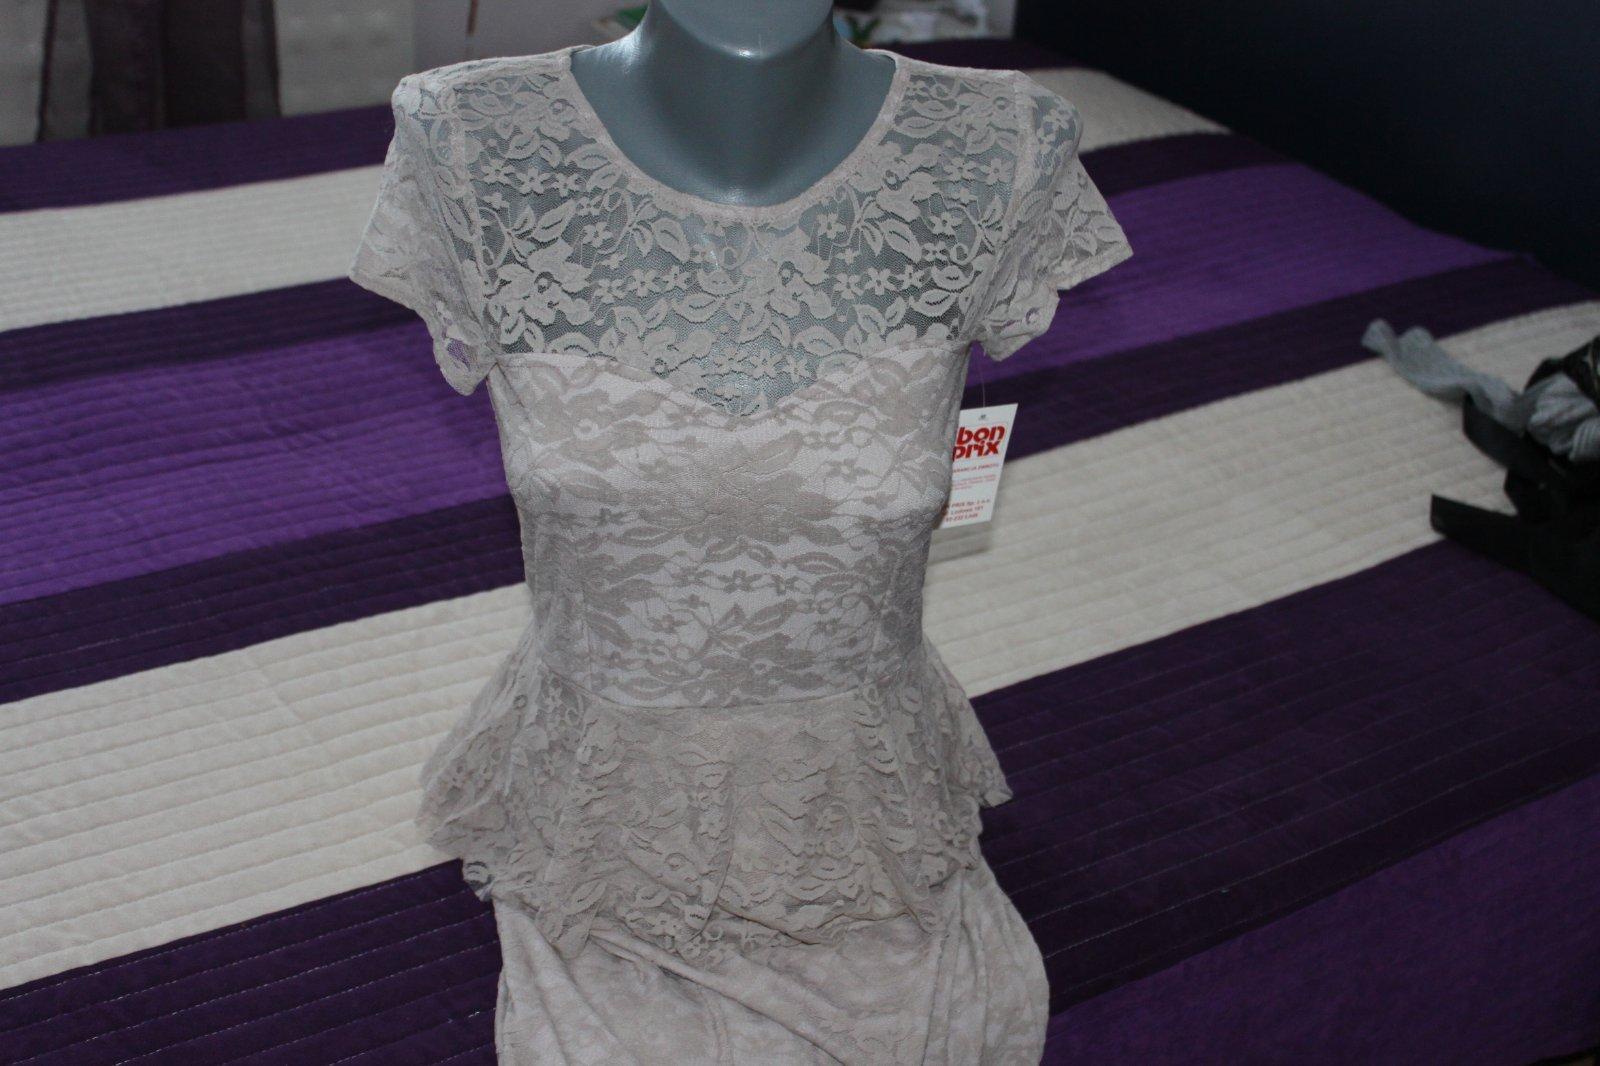 3923bafda Čipkované šaty, bonprix,34 - 17 € od predávajúcej marionet121   Detský  bazár   ModryKonik.sk